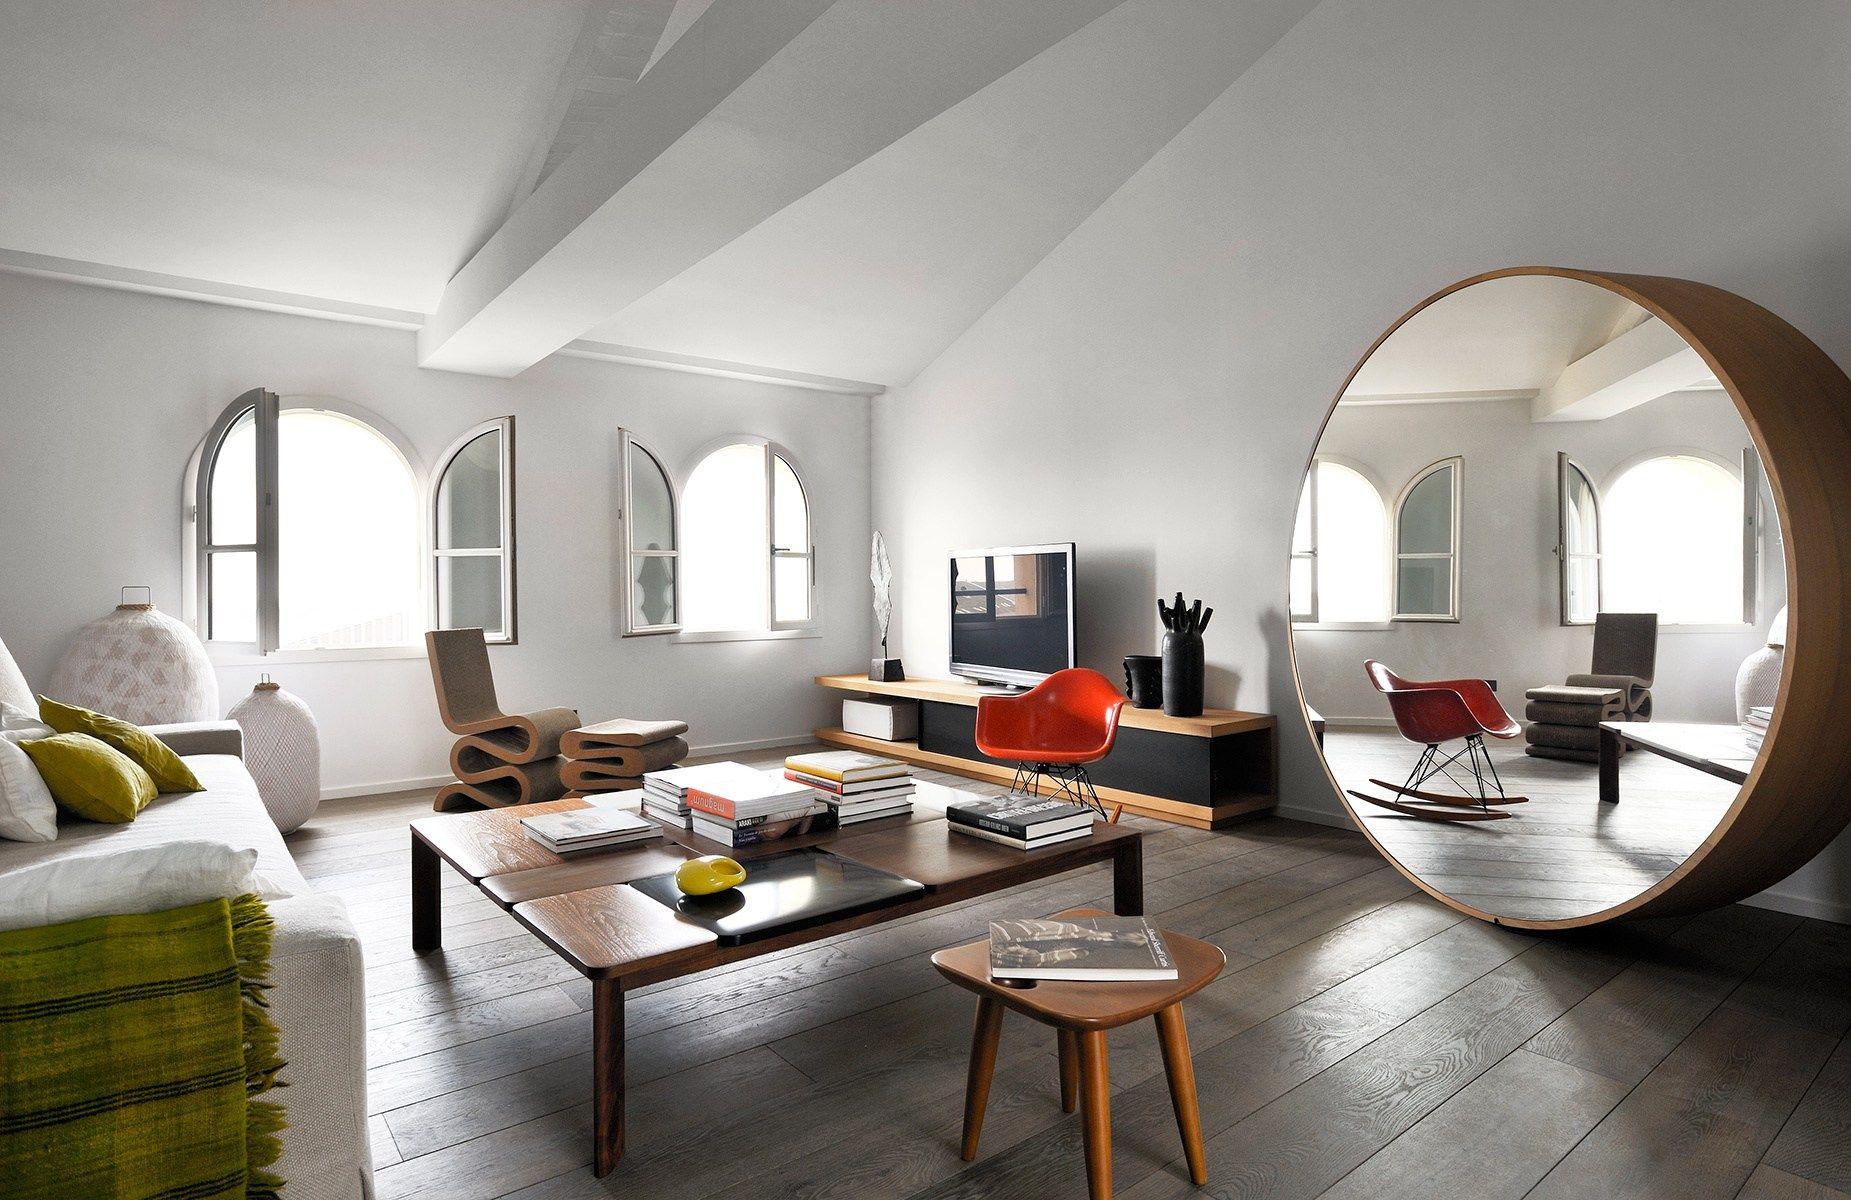 Case piccole: ispirazioni e suggerimenti